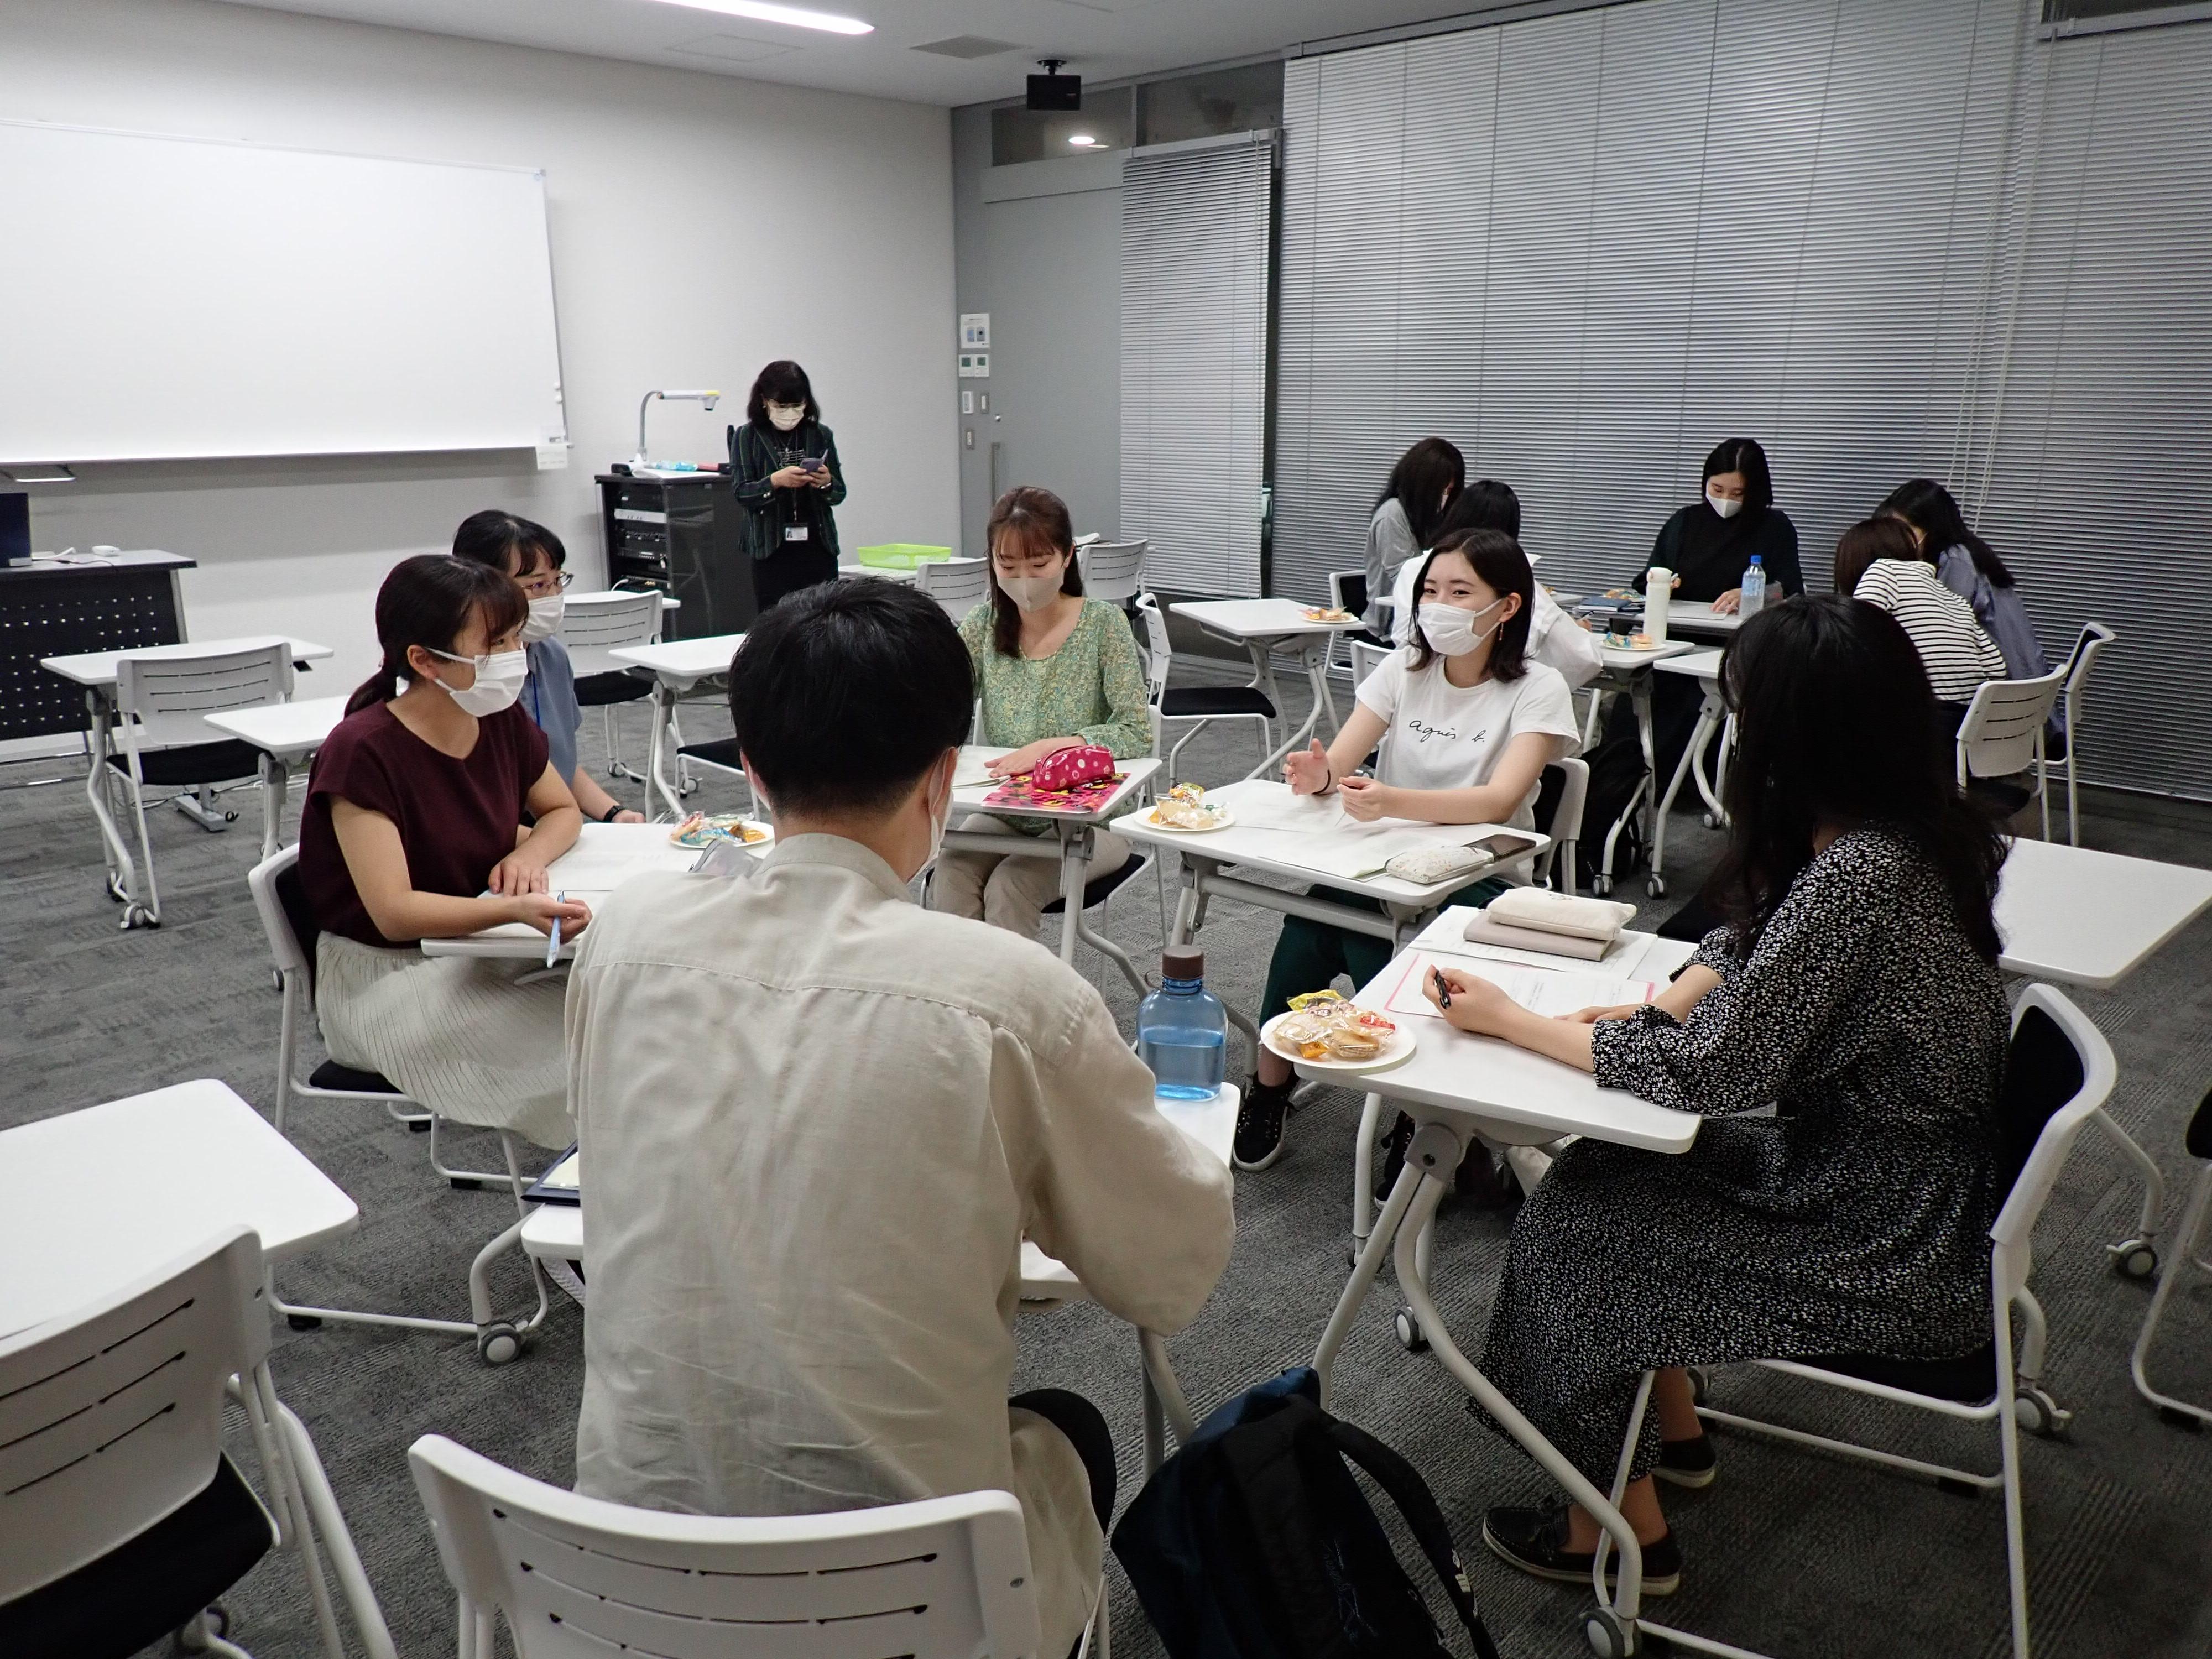 グループごとに机を寄せて話し合っている学生たちの写真